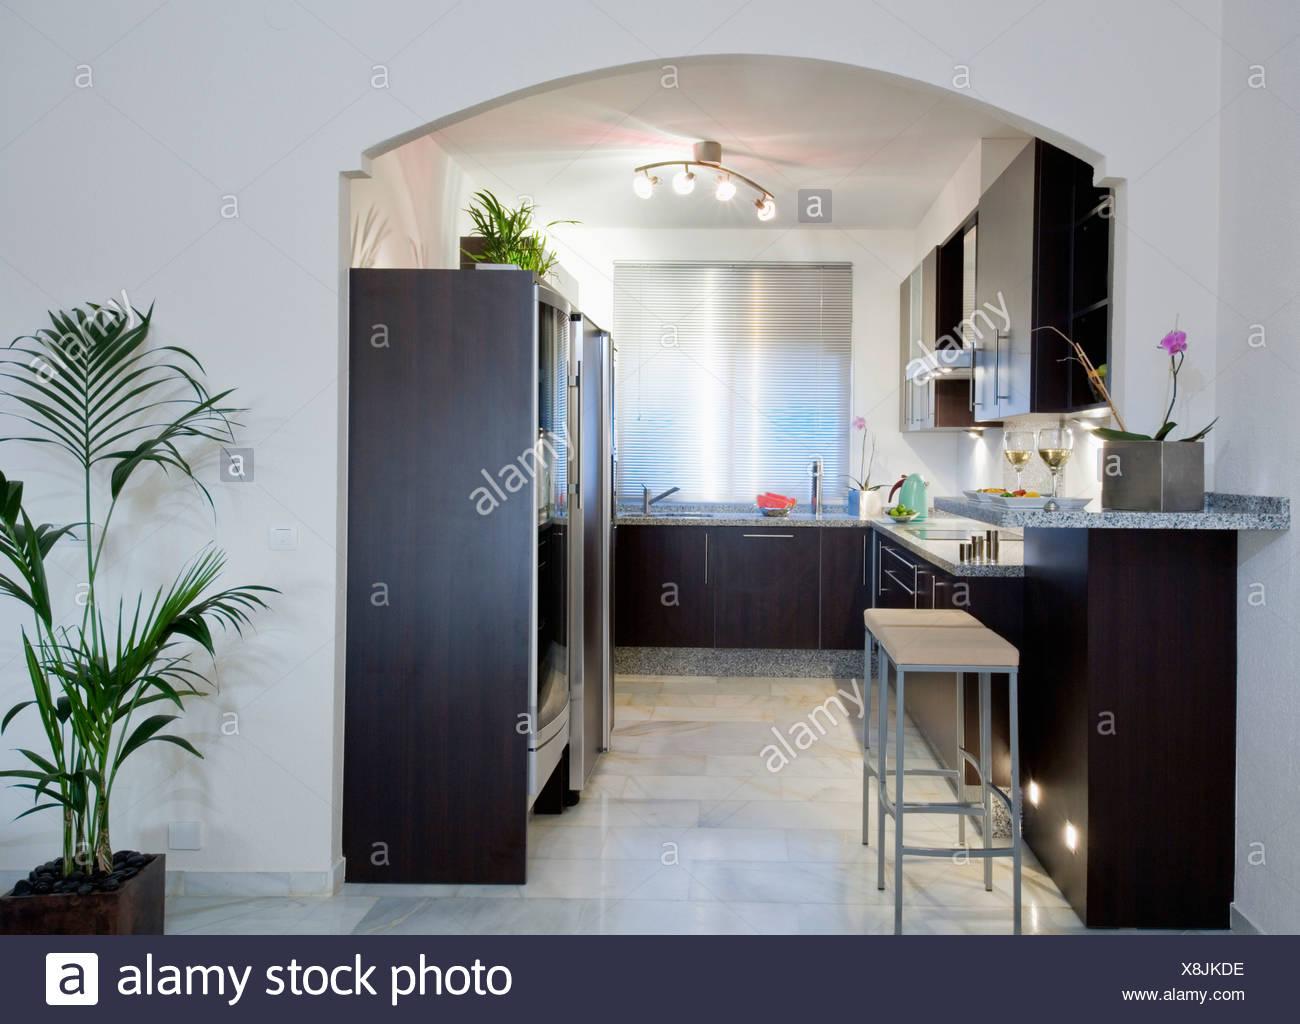 Ikea grundtal beleuchtung lampe küchenbeleuchtung halogen